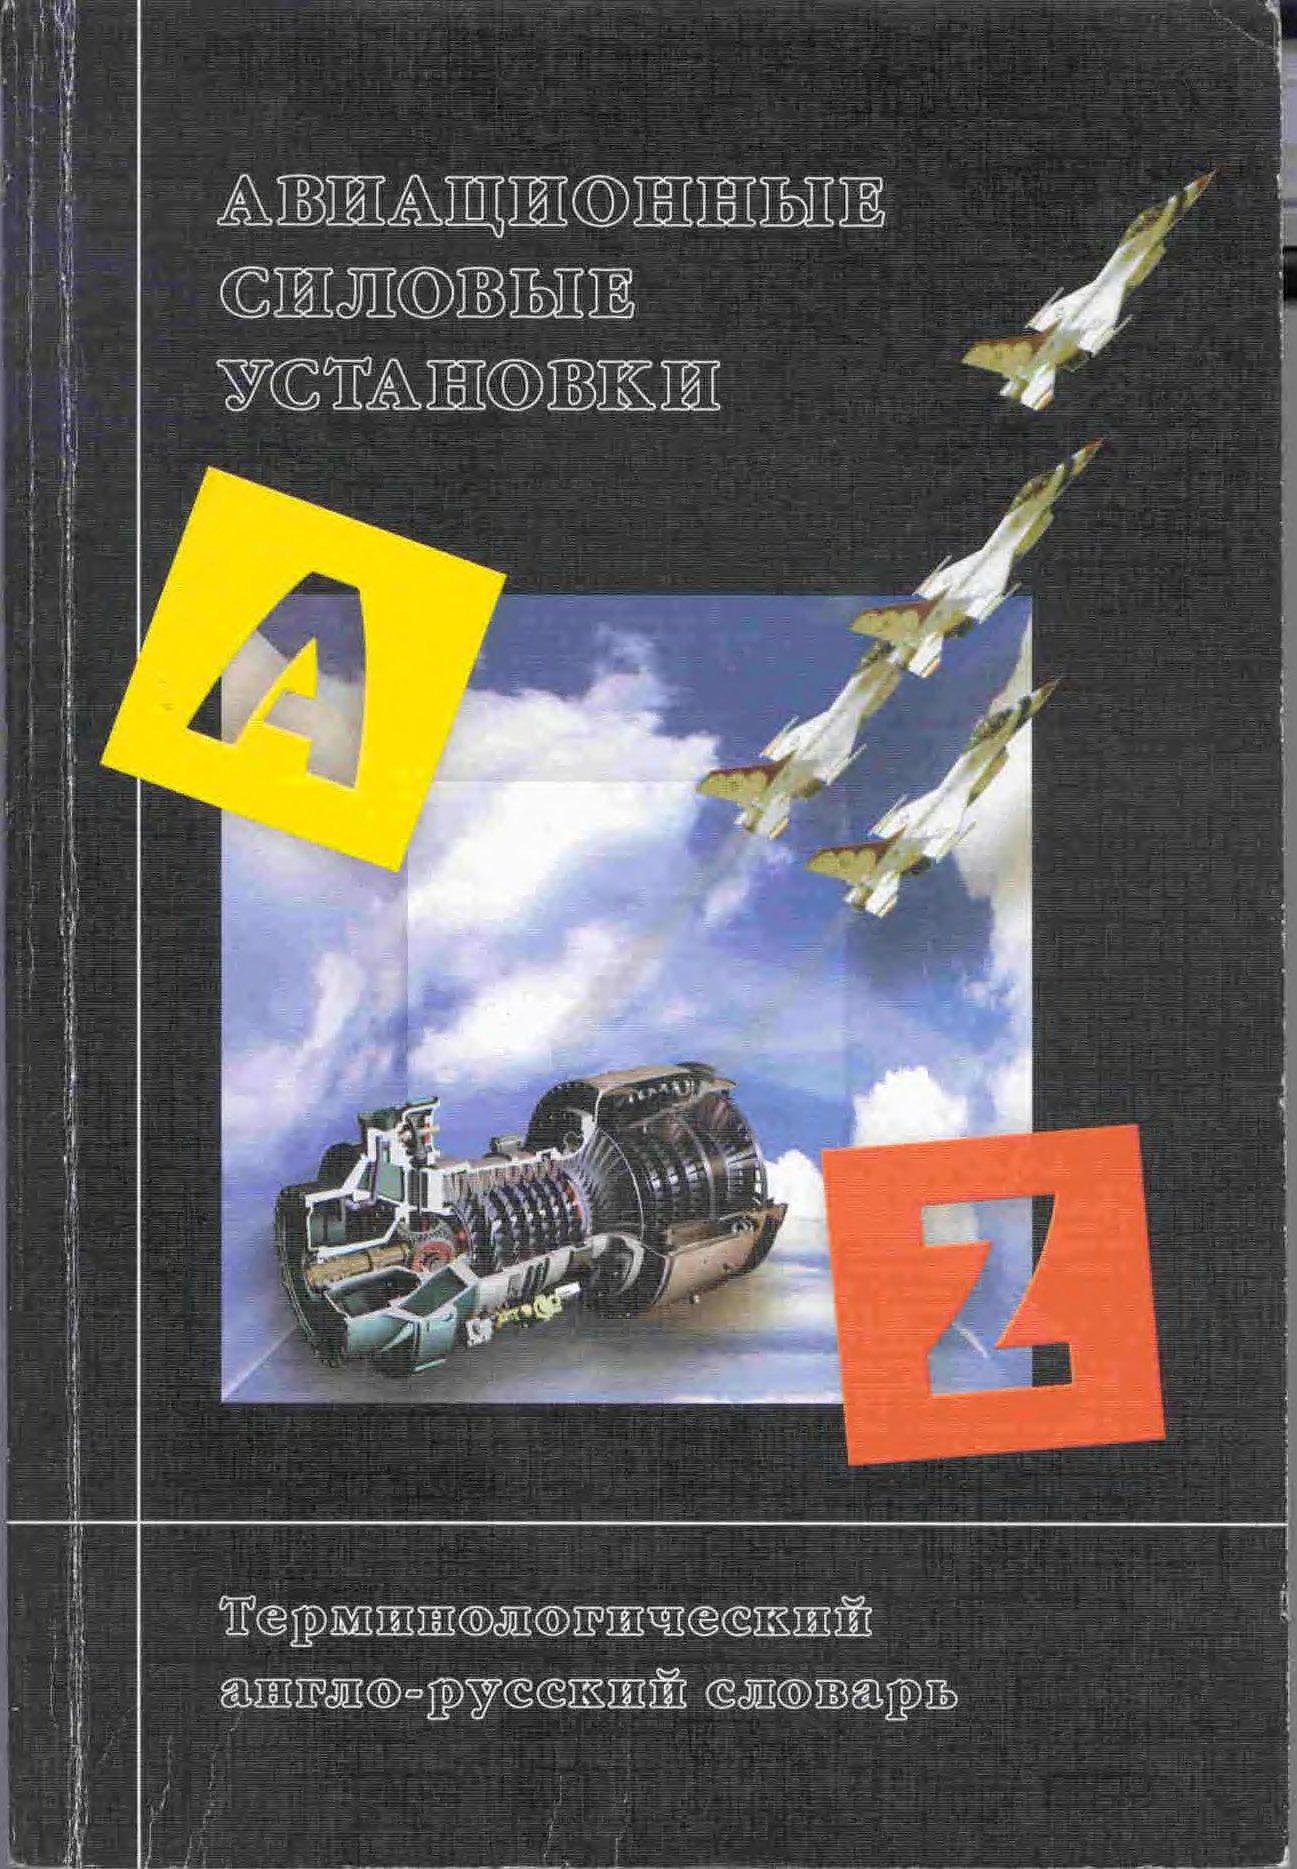 Обложка книги Авиационные силовые установки. (Англо-русский словарь) (Дорошко С.М.)